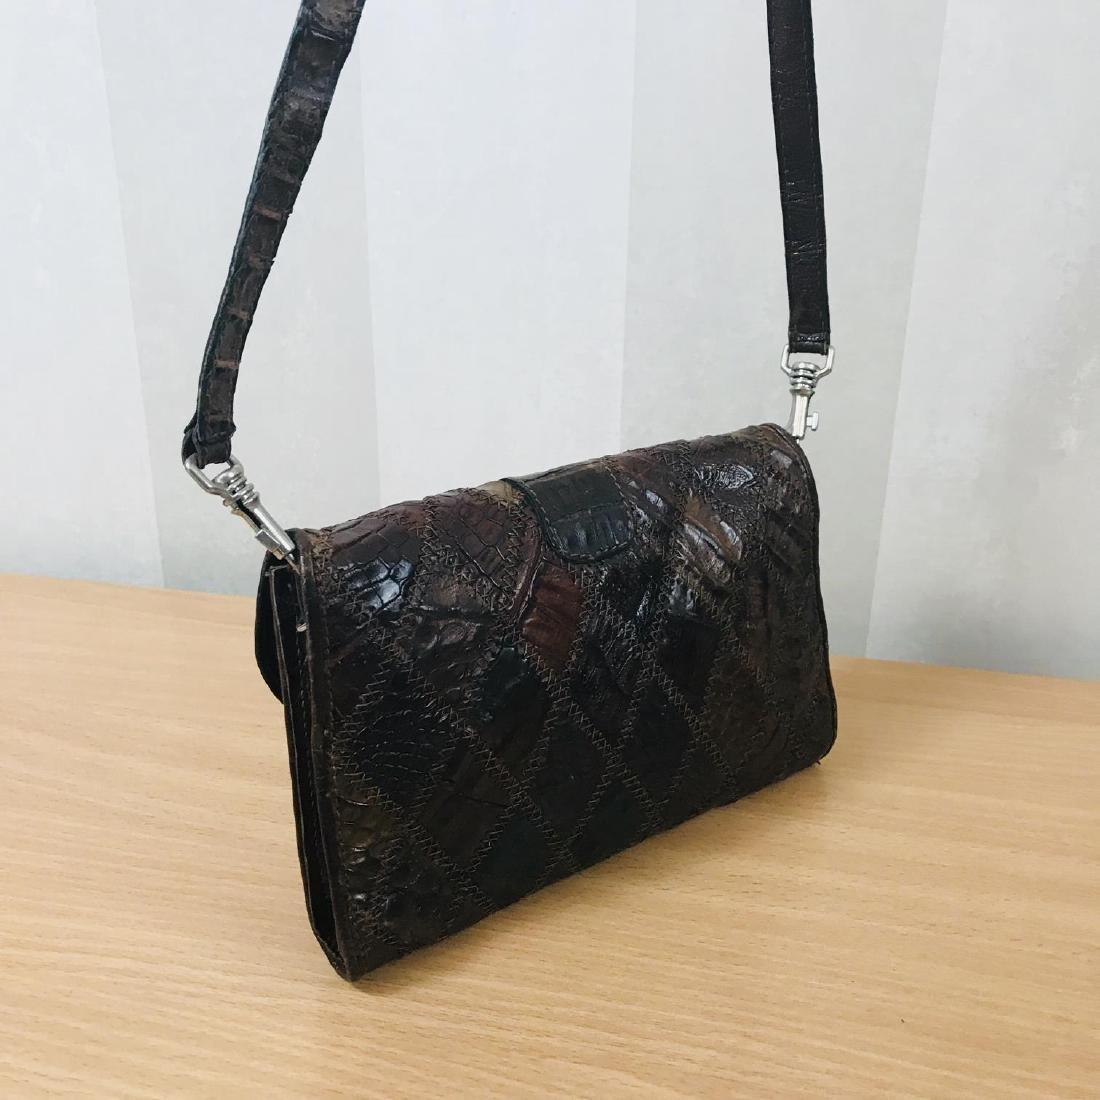 Vintage Brown Crocodile Leather Small Shoulder Bag - 5